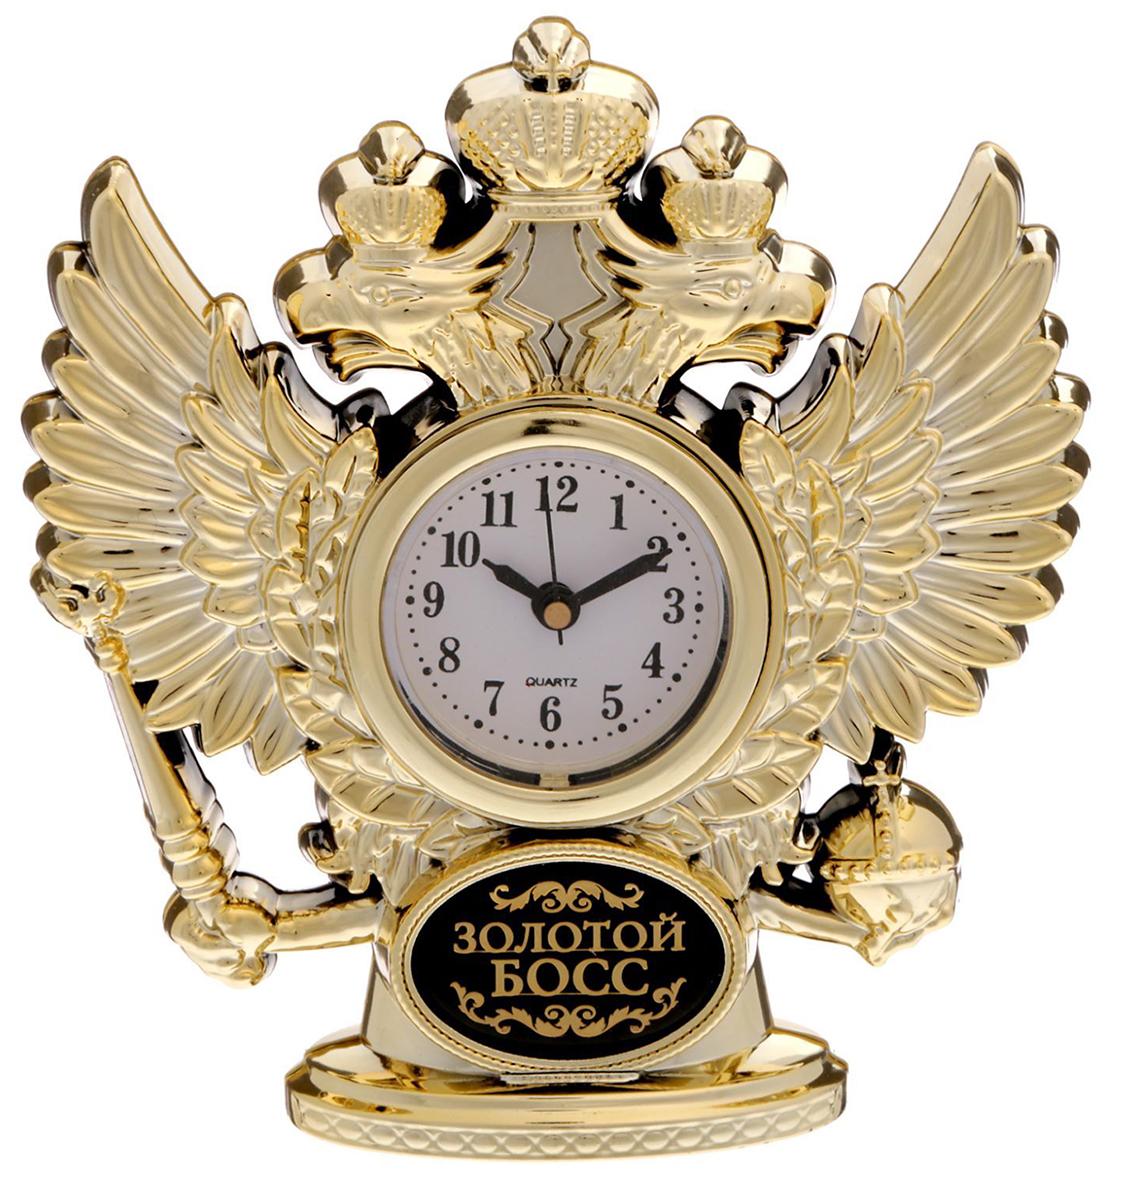 Изделие созданоы для истинных патриотов с твёрдым характером. Двуглавый орёл, словно стоит на страже вашего времени, обрамляя циферблат и придавая предмету статусный облик. Изделие прекрасно дополнит письменный стол или стеллаж в кабинете, ведь это не просто часы, но и стильная статуэтка. На обратной стороне вы найдёте мотивирующую на покорение всего мира надпись! Инструкция Аккуратно достаньте механизм с циферблатом из корпуса. Установите время с помощью колёсика. Вставьте механизм обратно. Часы работают от батареек AG 13. Сувенир преподносится в подарочной коробочке с прозрачным окном.